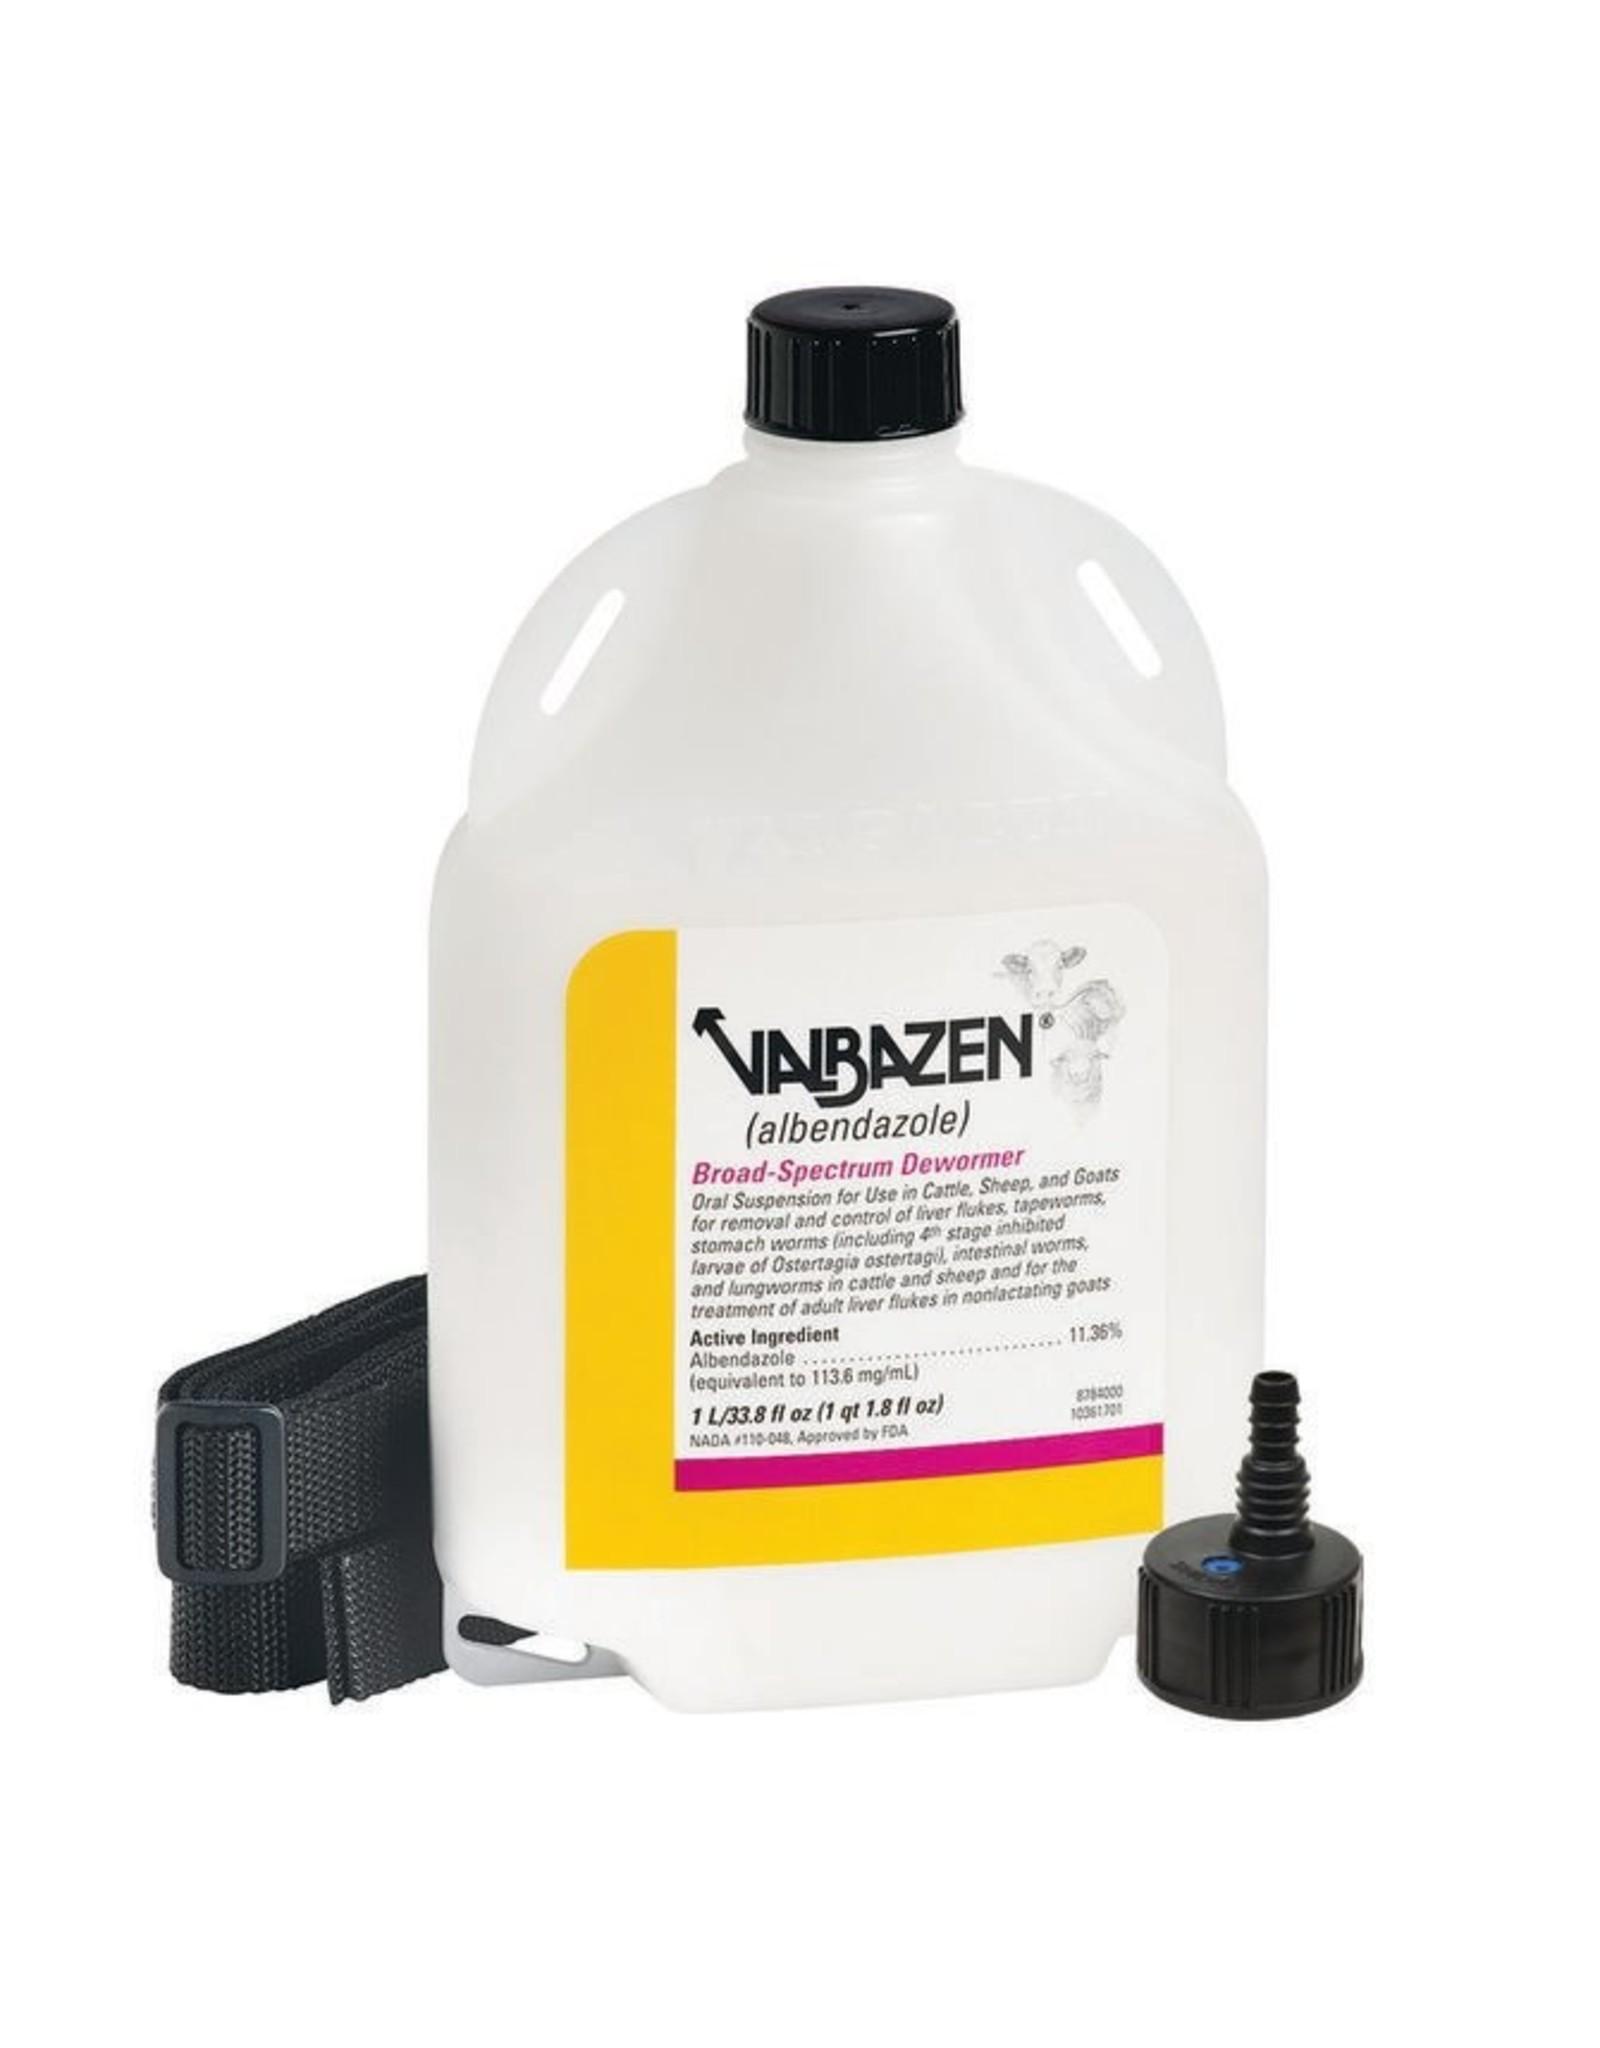 Valbazen 5 Liter